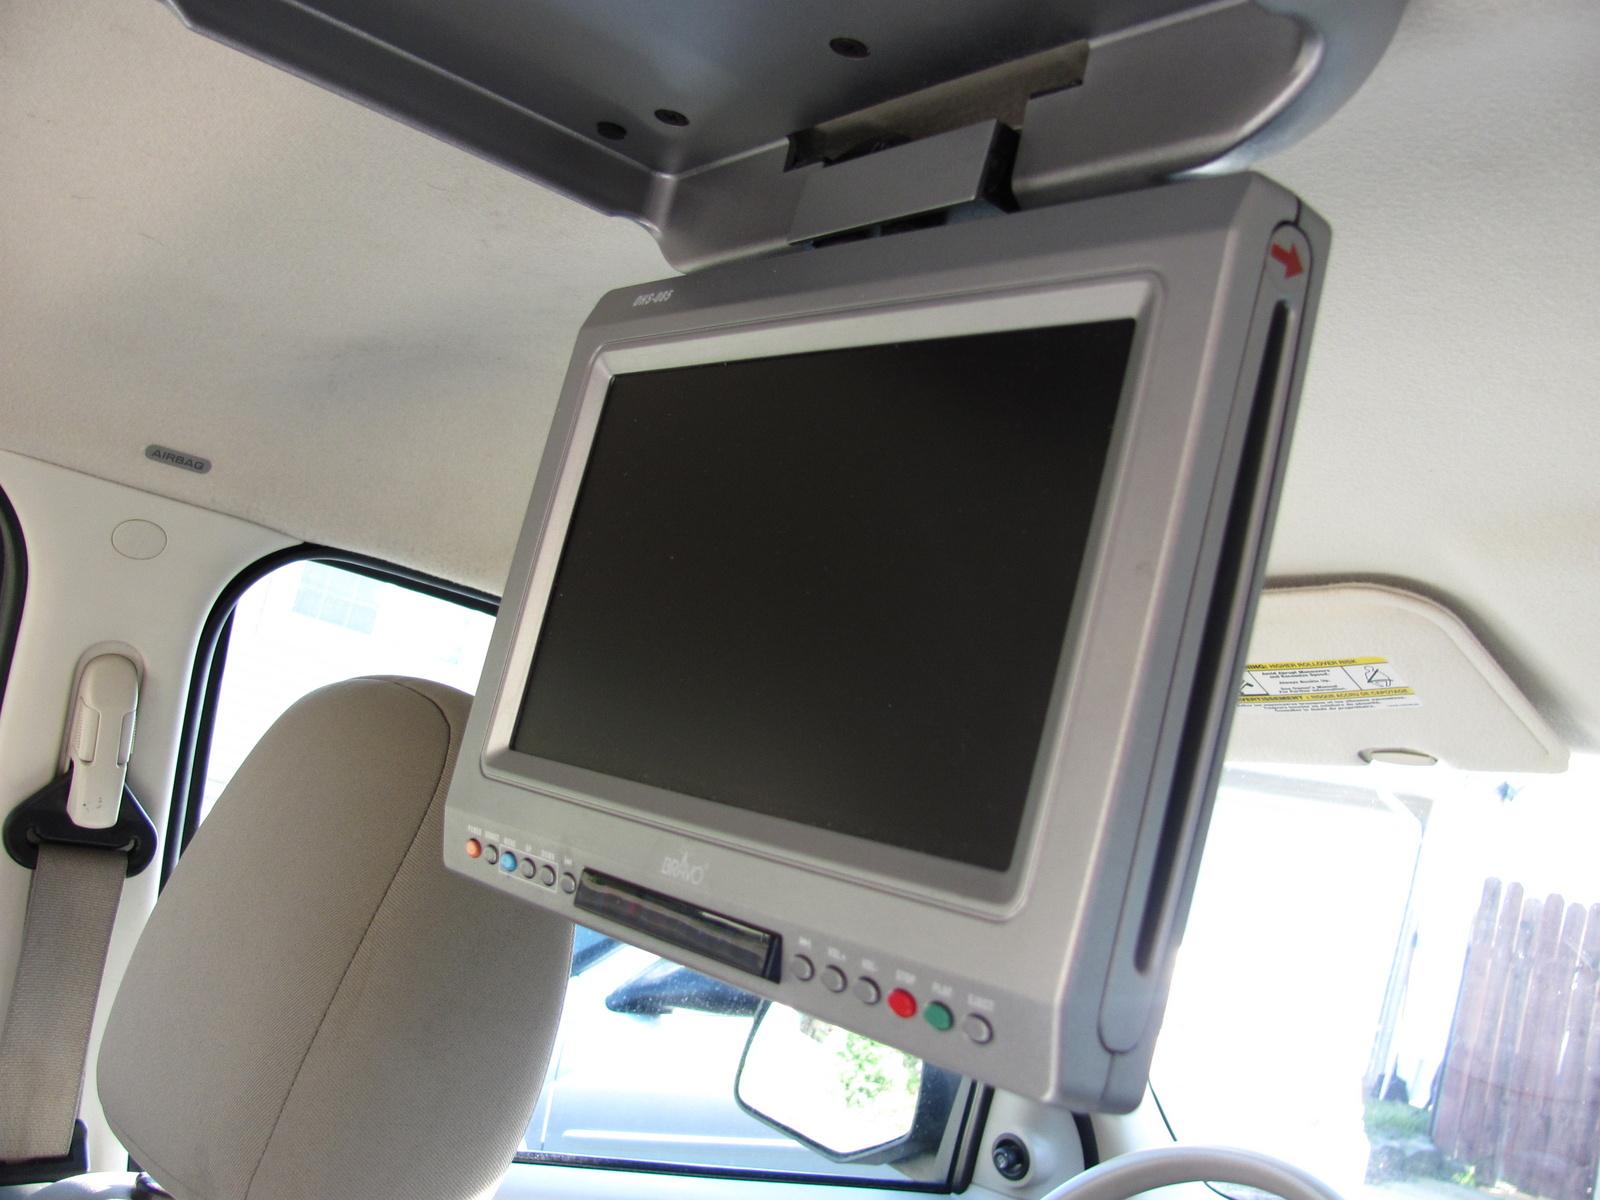 2008 ford escape xlt interior - Ford escape interior accessories ...